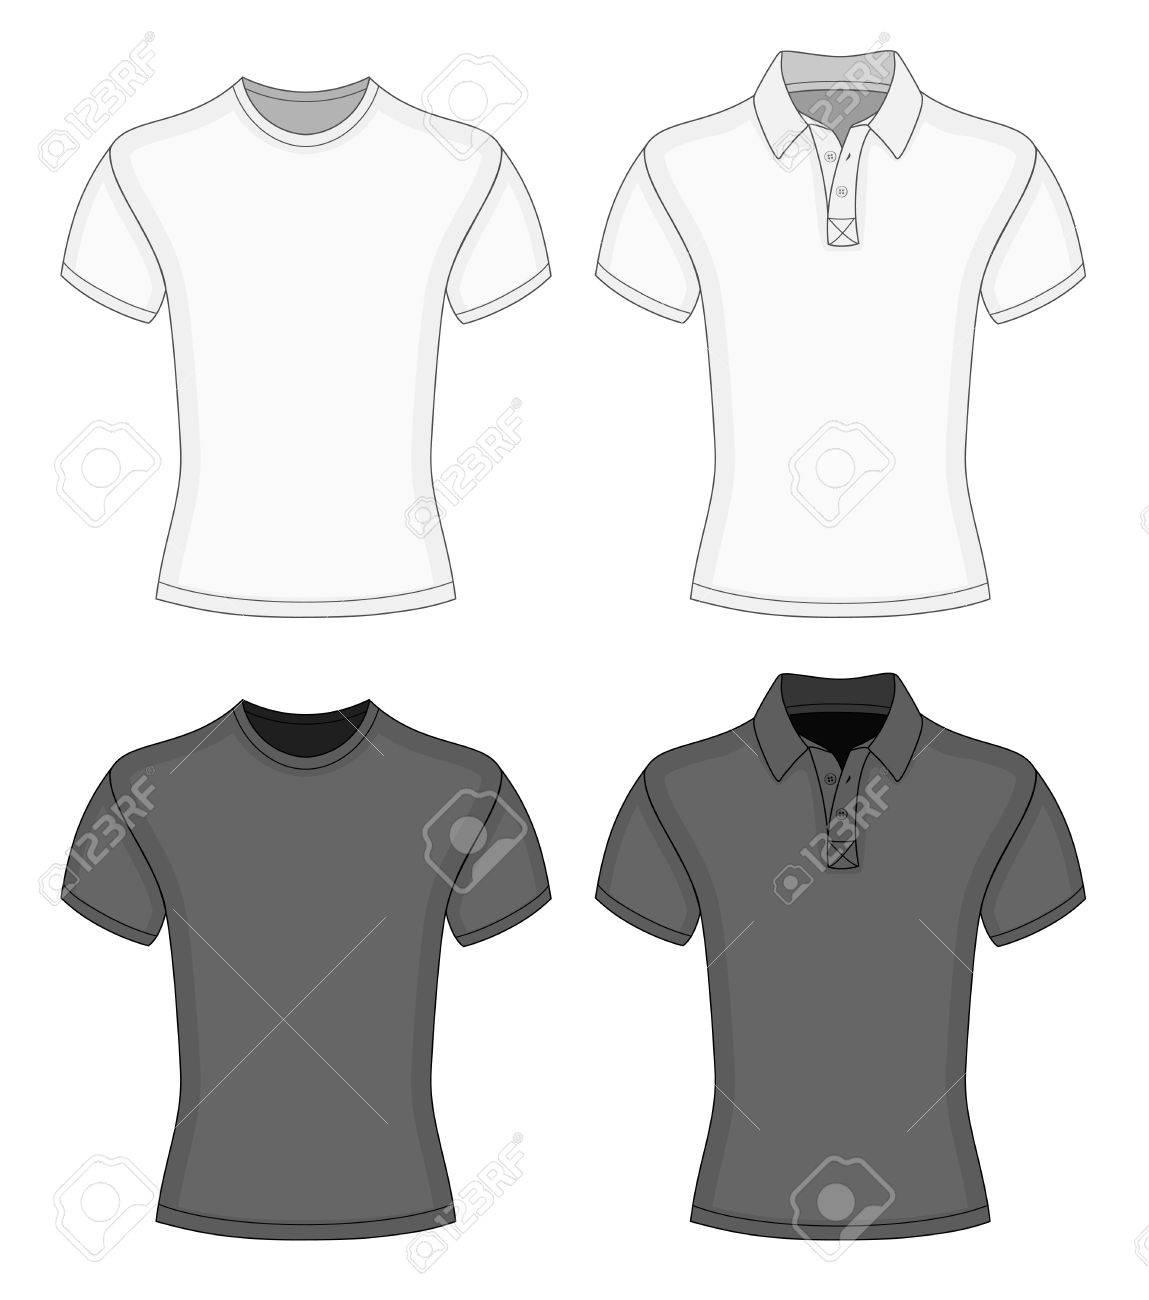 73c3bd7cb ... germany blanco y negro de manga corta camiseta y polo shirt plantillas  de diseño para hombres